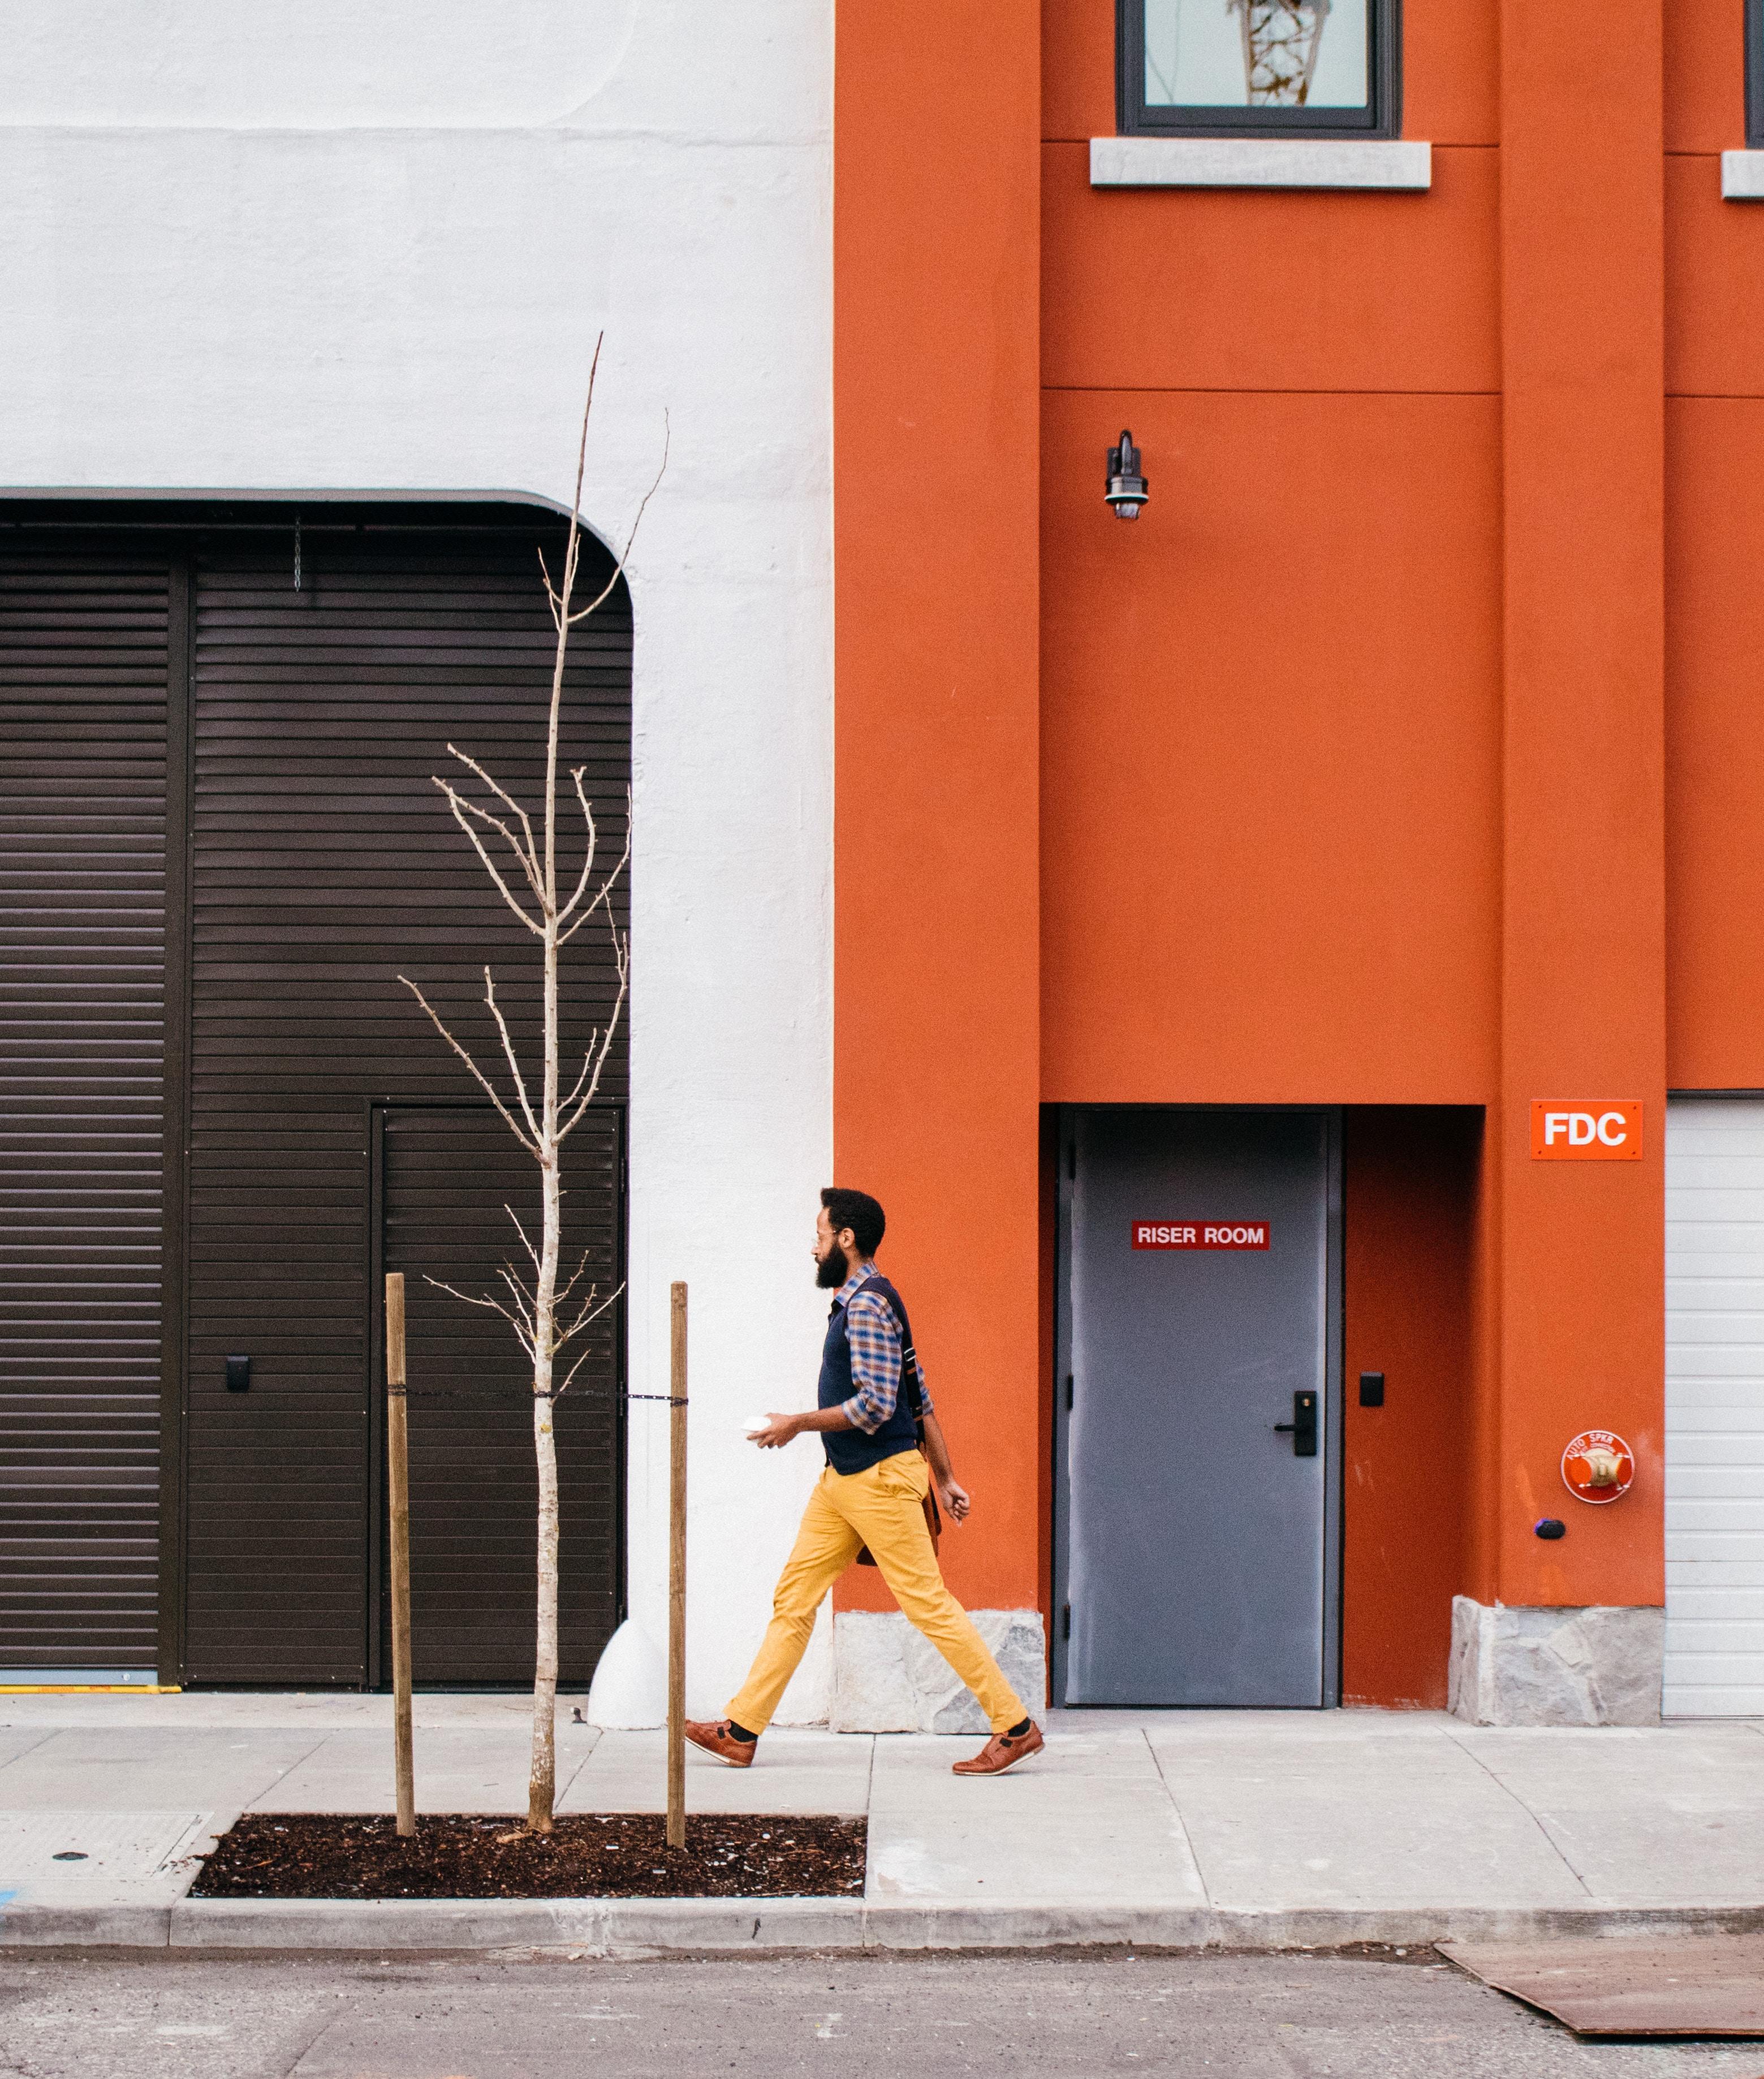 A bearded man in a vest walking on a sidewalk along an orange-painted building